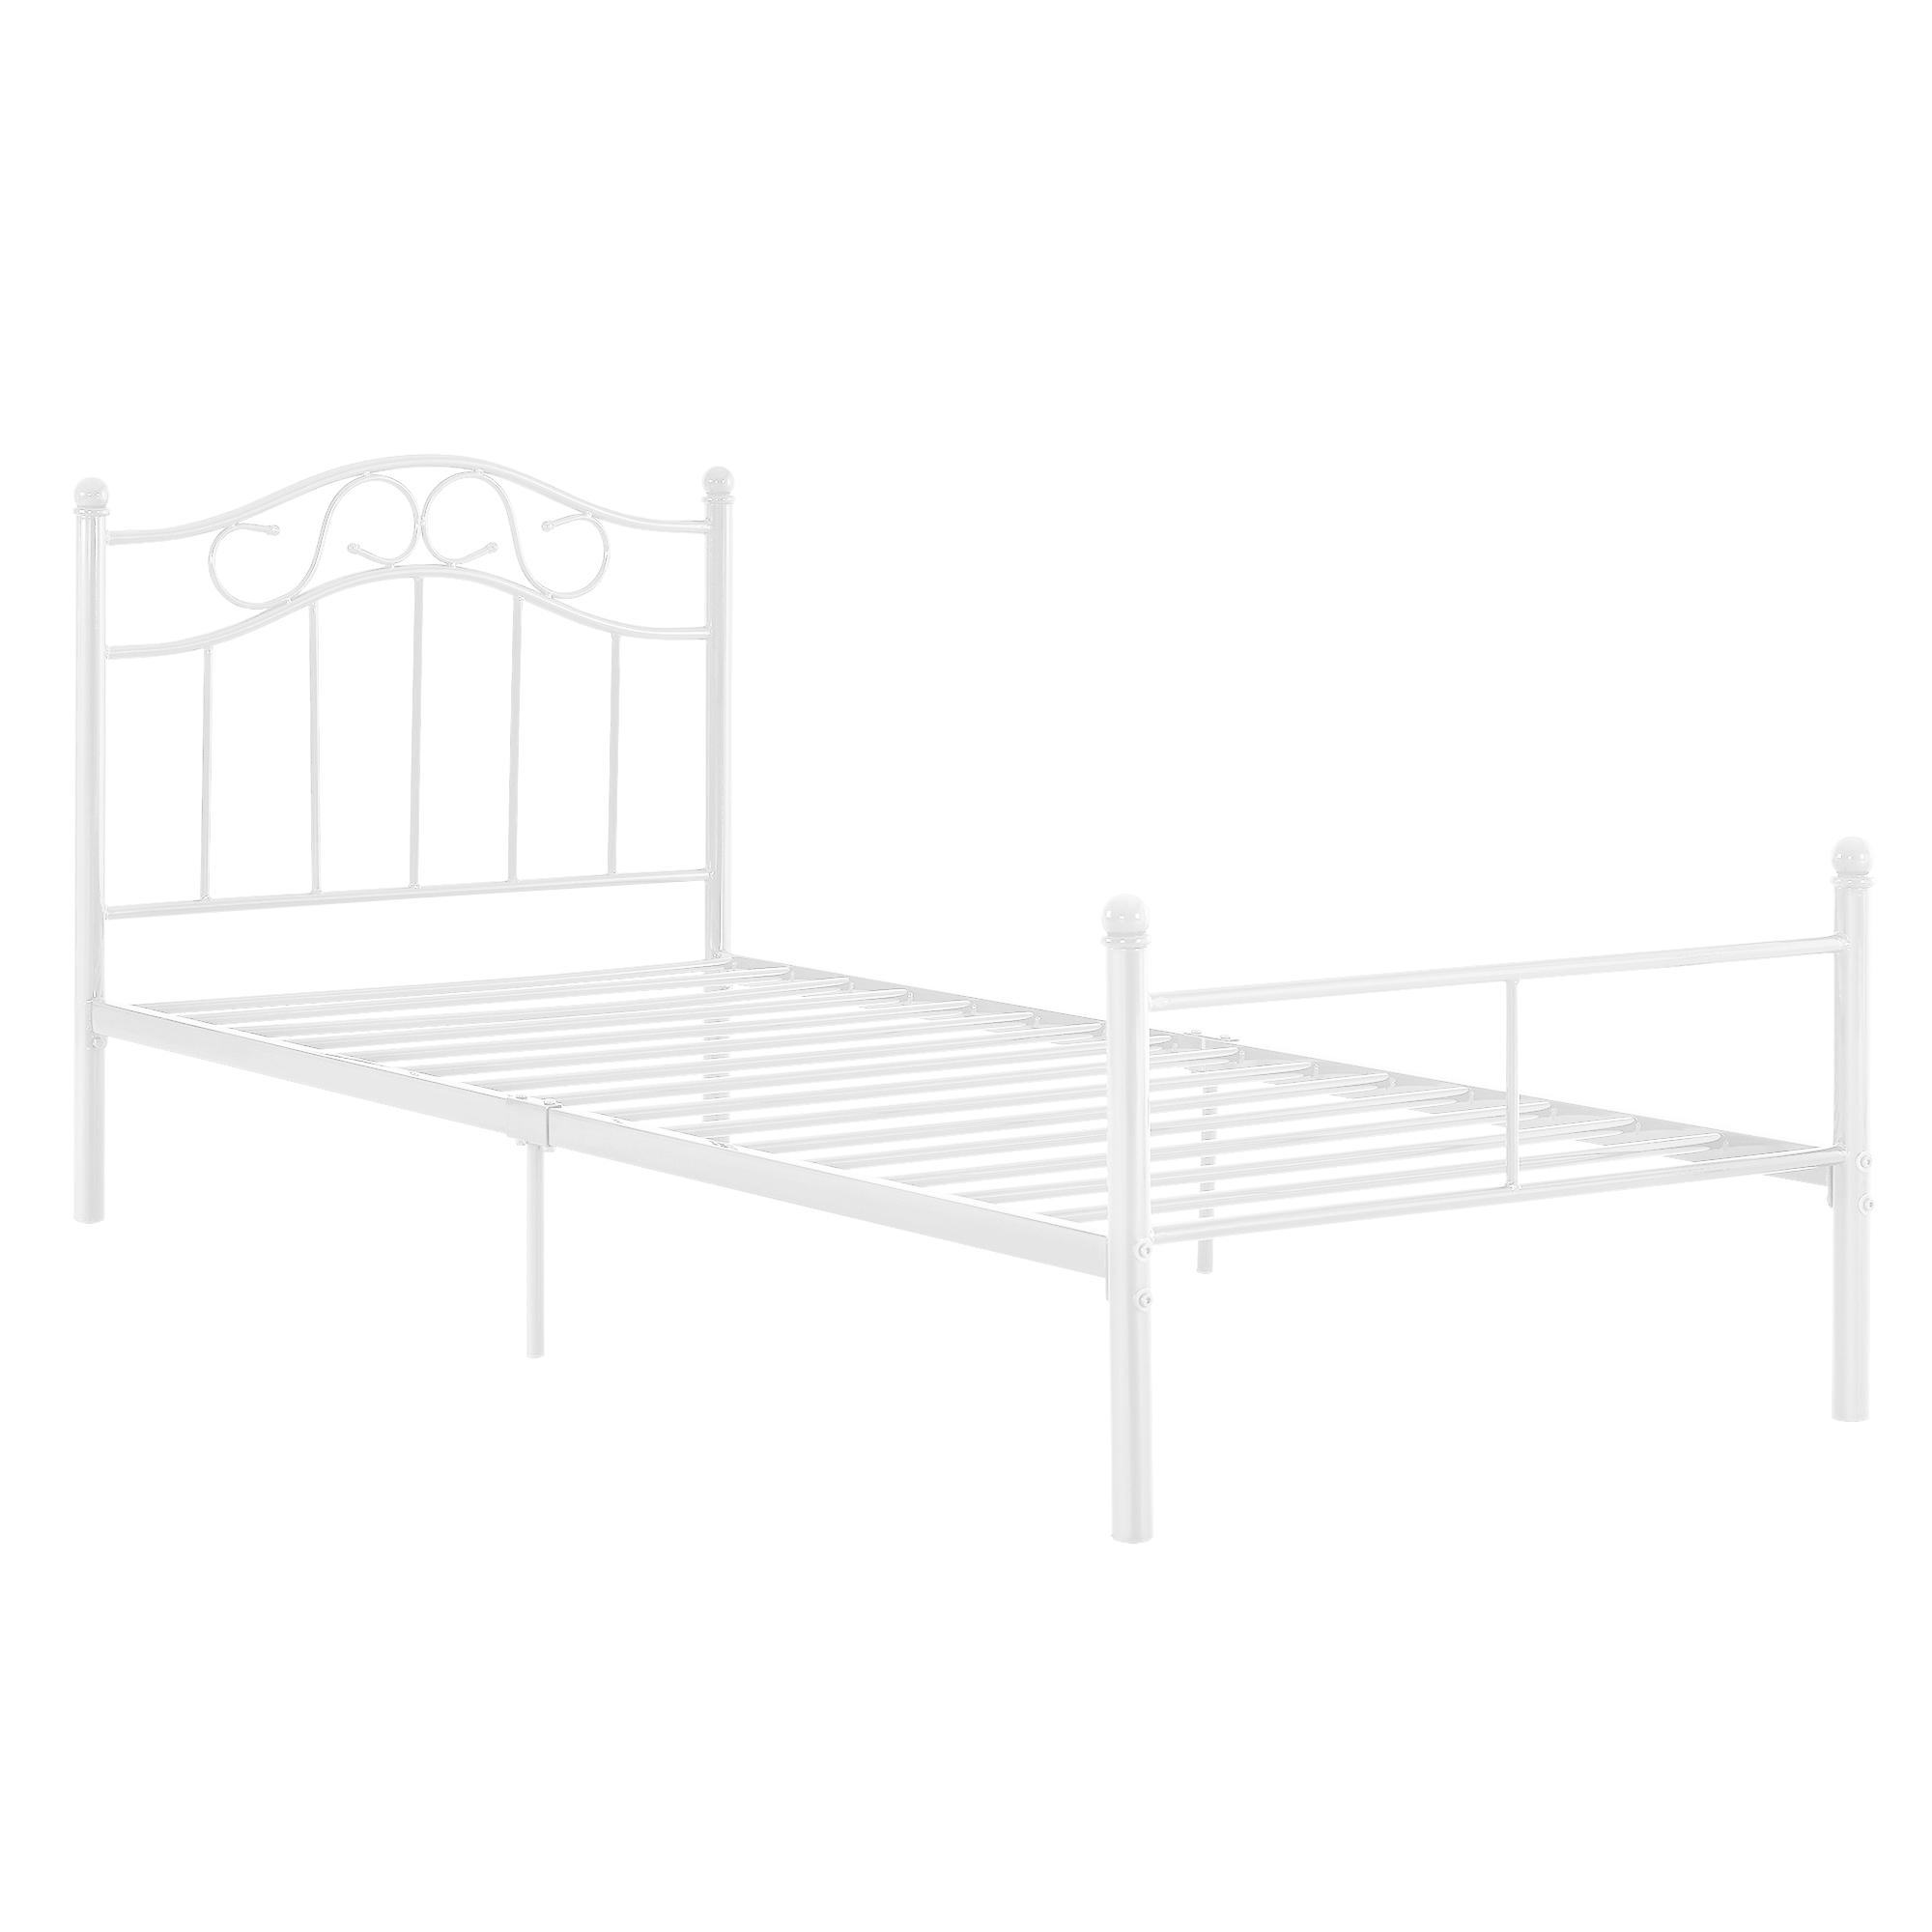 Full Size of Bett 120x200 Weiß Mit Bettkasten Betten Matratze Und Lattenrost Wohnzimmer Kinderbett 120x200